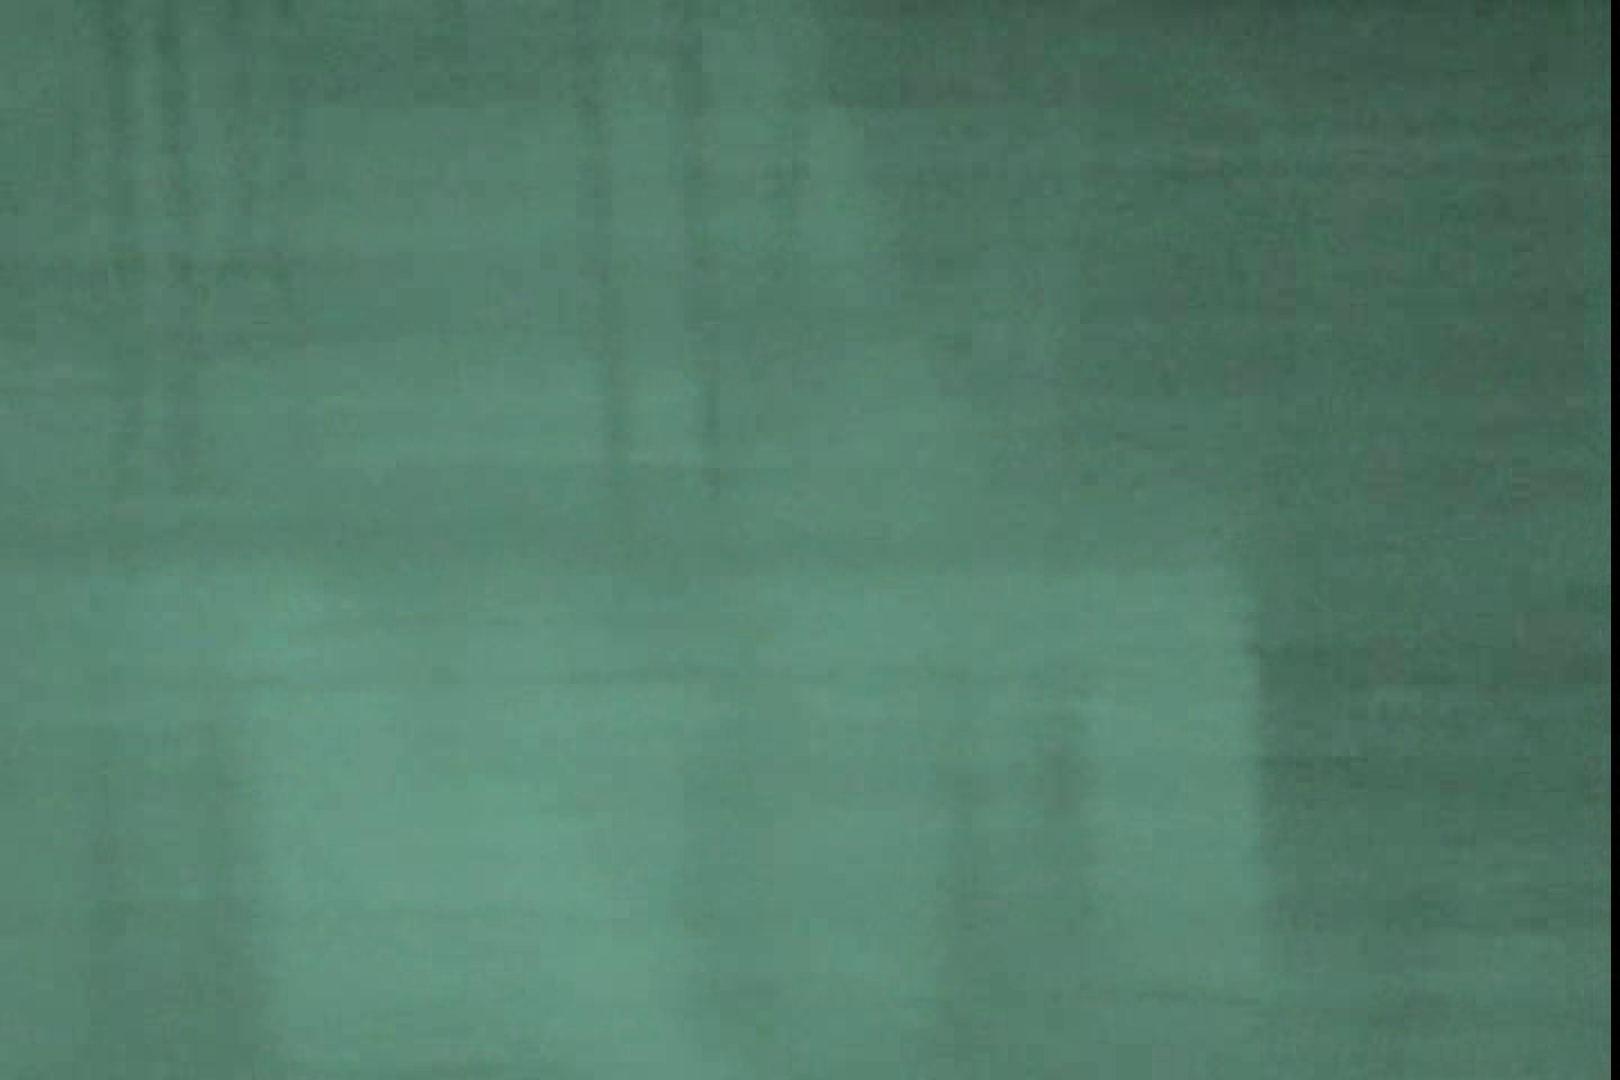 赤外線ムレスケバレー(汗) vol.04 アスリート  82PIX 28